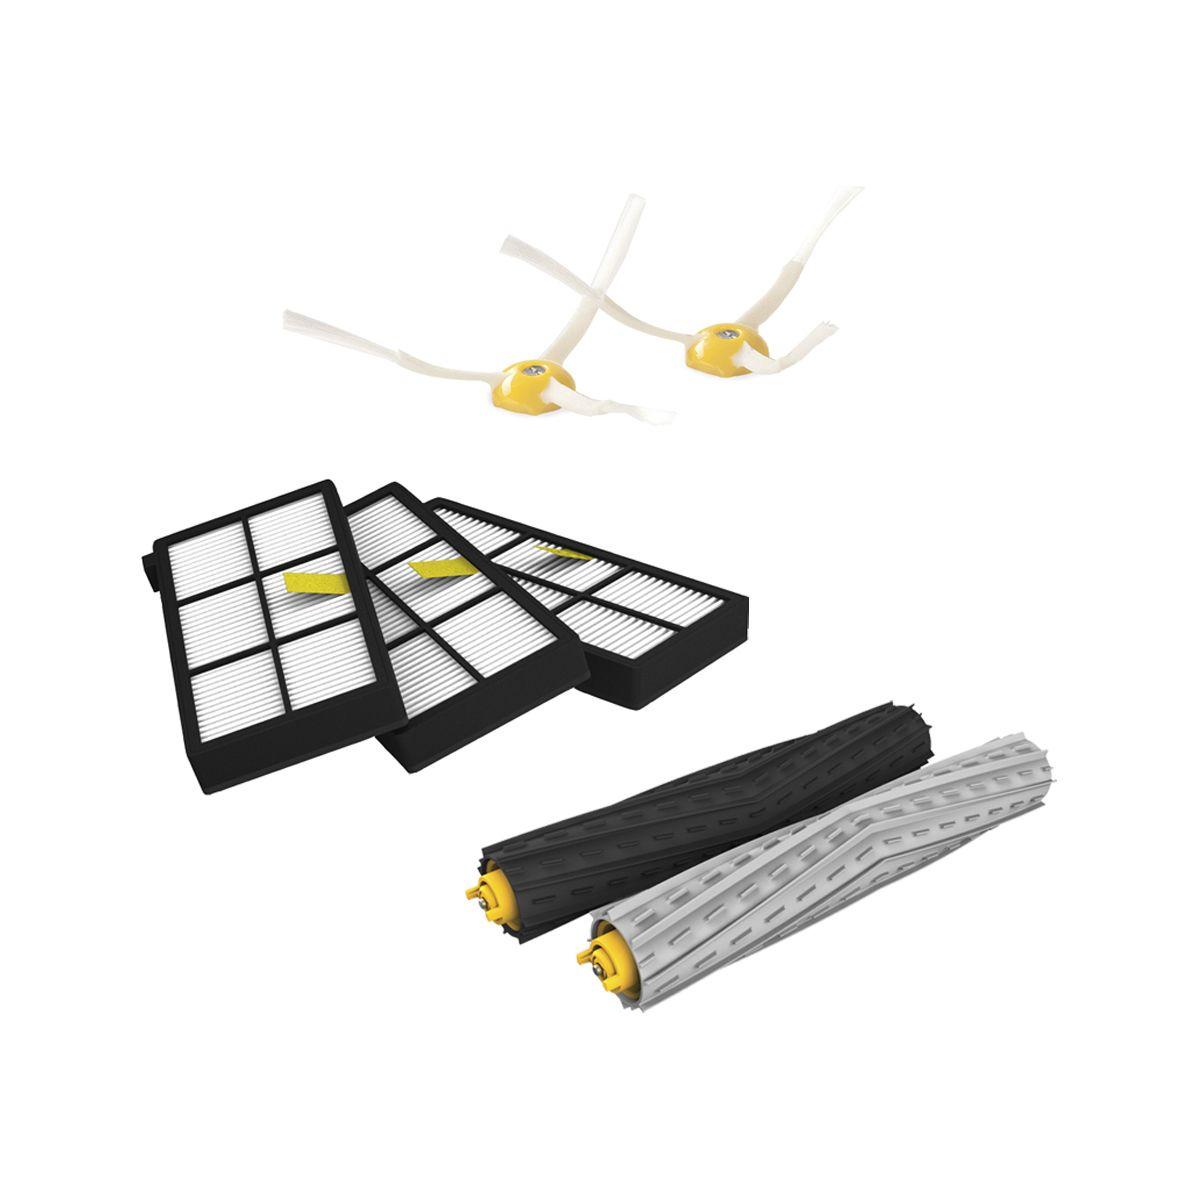 Filtre et brosse irobot kit de remplacement s�rie 800/900 - livraison offerte : code premium (photo)